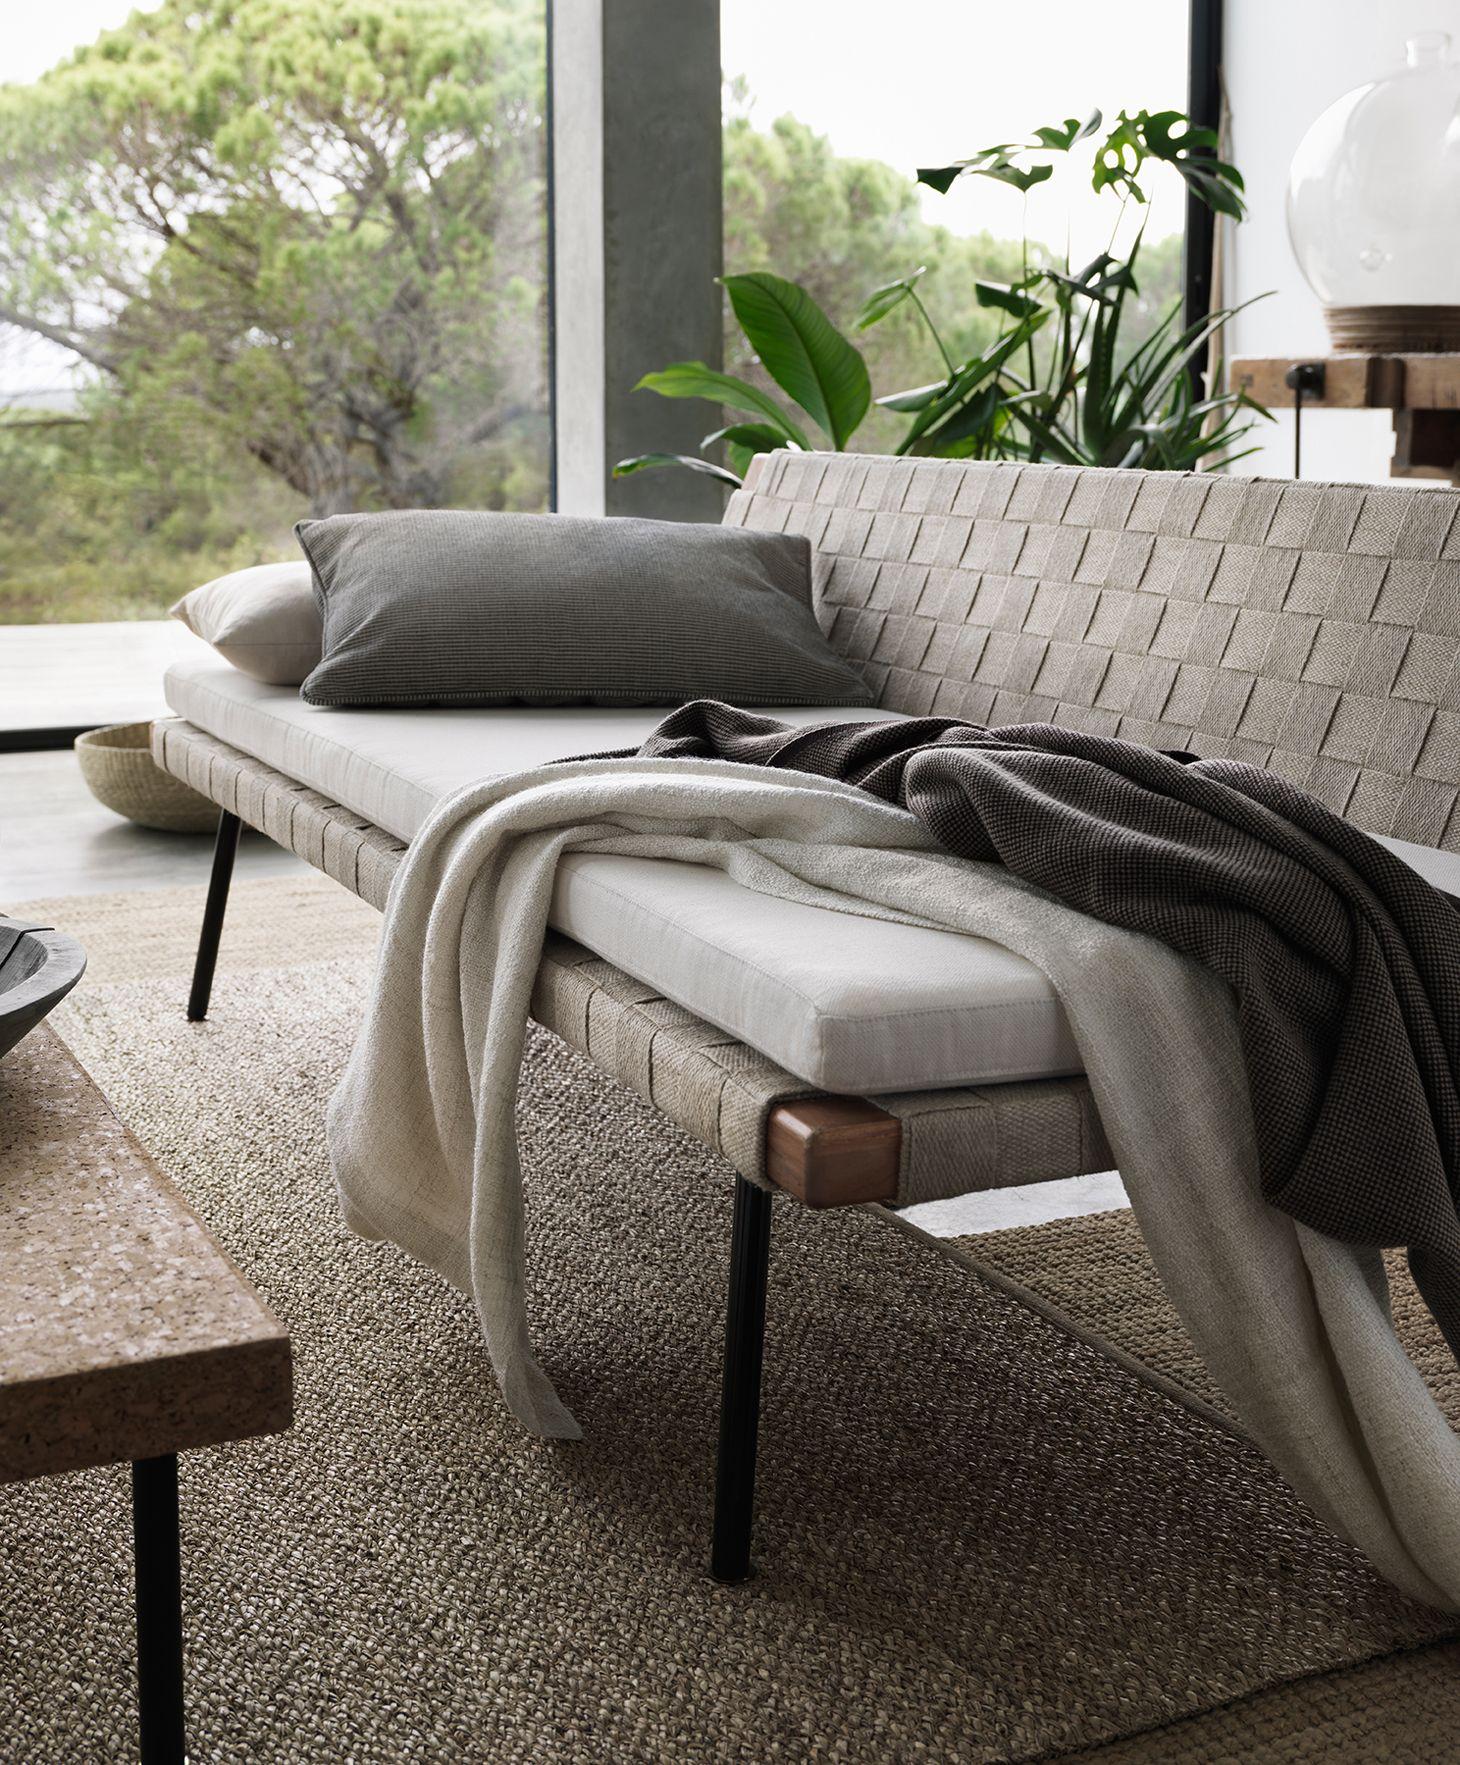 Sinnerlig – die neue Kollektion von IKEA. Ab August 2015